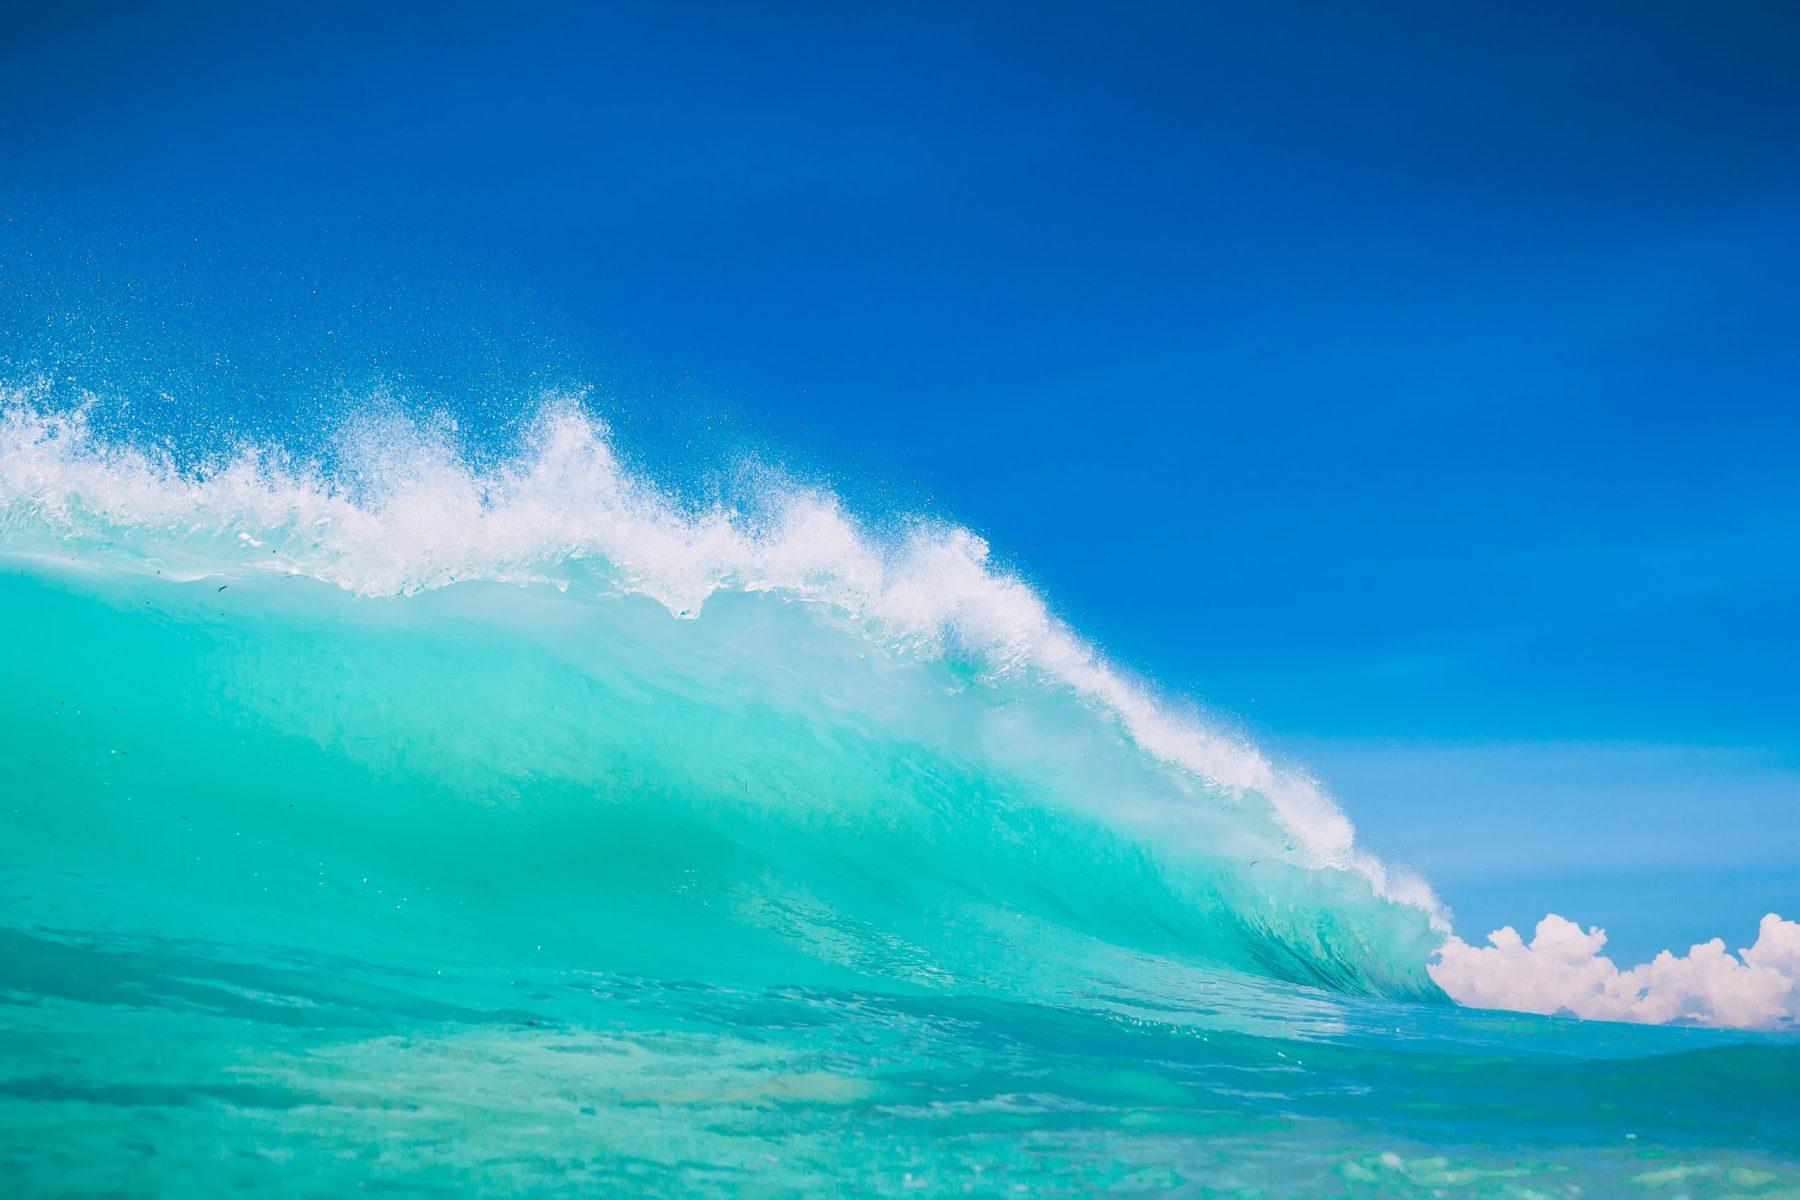 Θάλασσα Ψυχική Υγεία: Η θάλασσα είναι σύμμαχος της ψυχικής μας υγείας [vid]